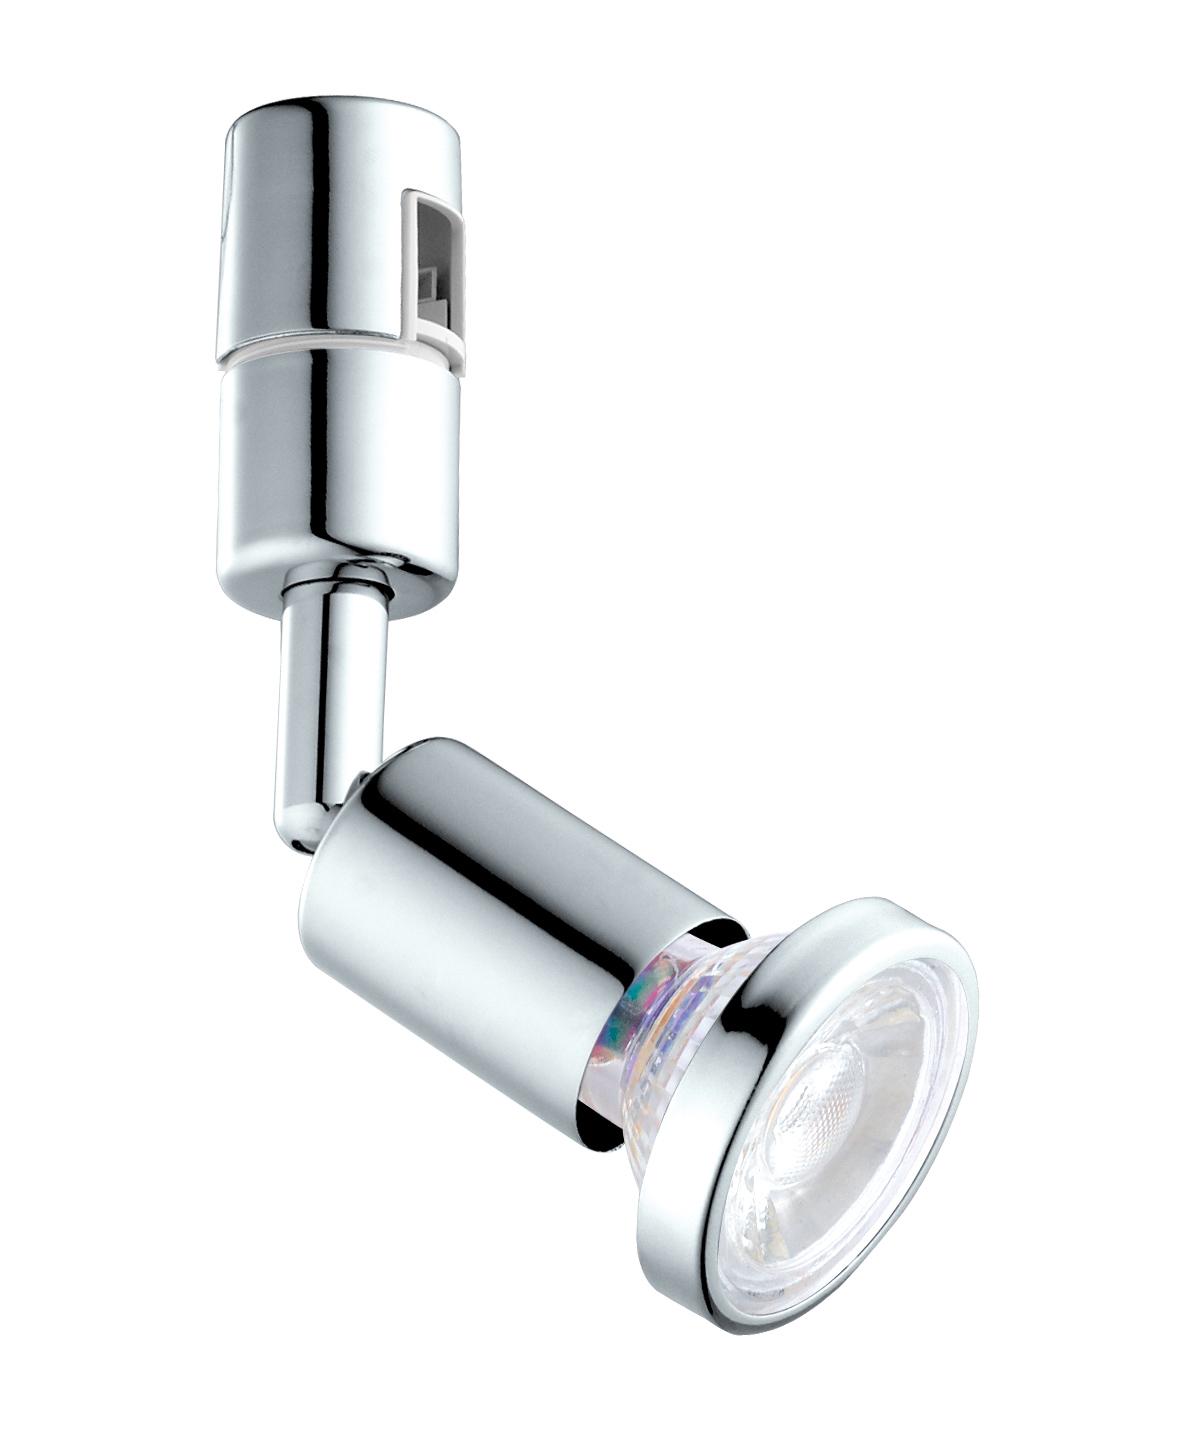 Светильник настенно-потолочный BUZZ/PROFESSIONAL L EGLO 61333 - Фото №28